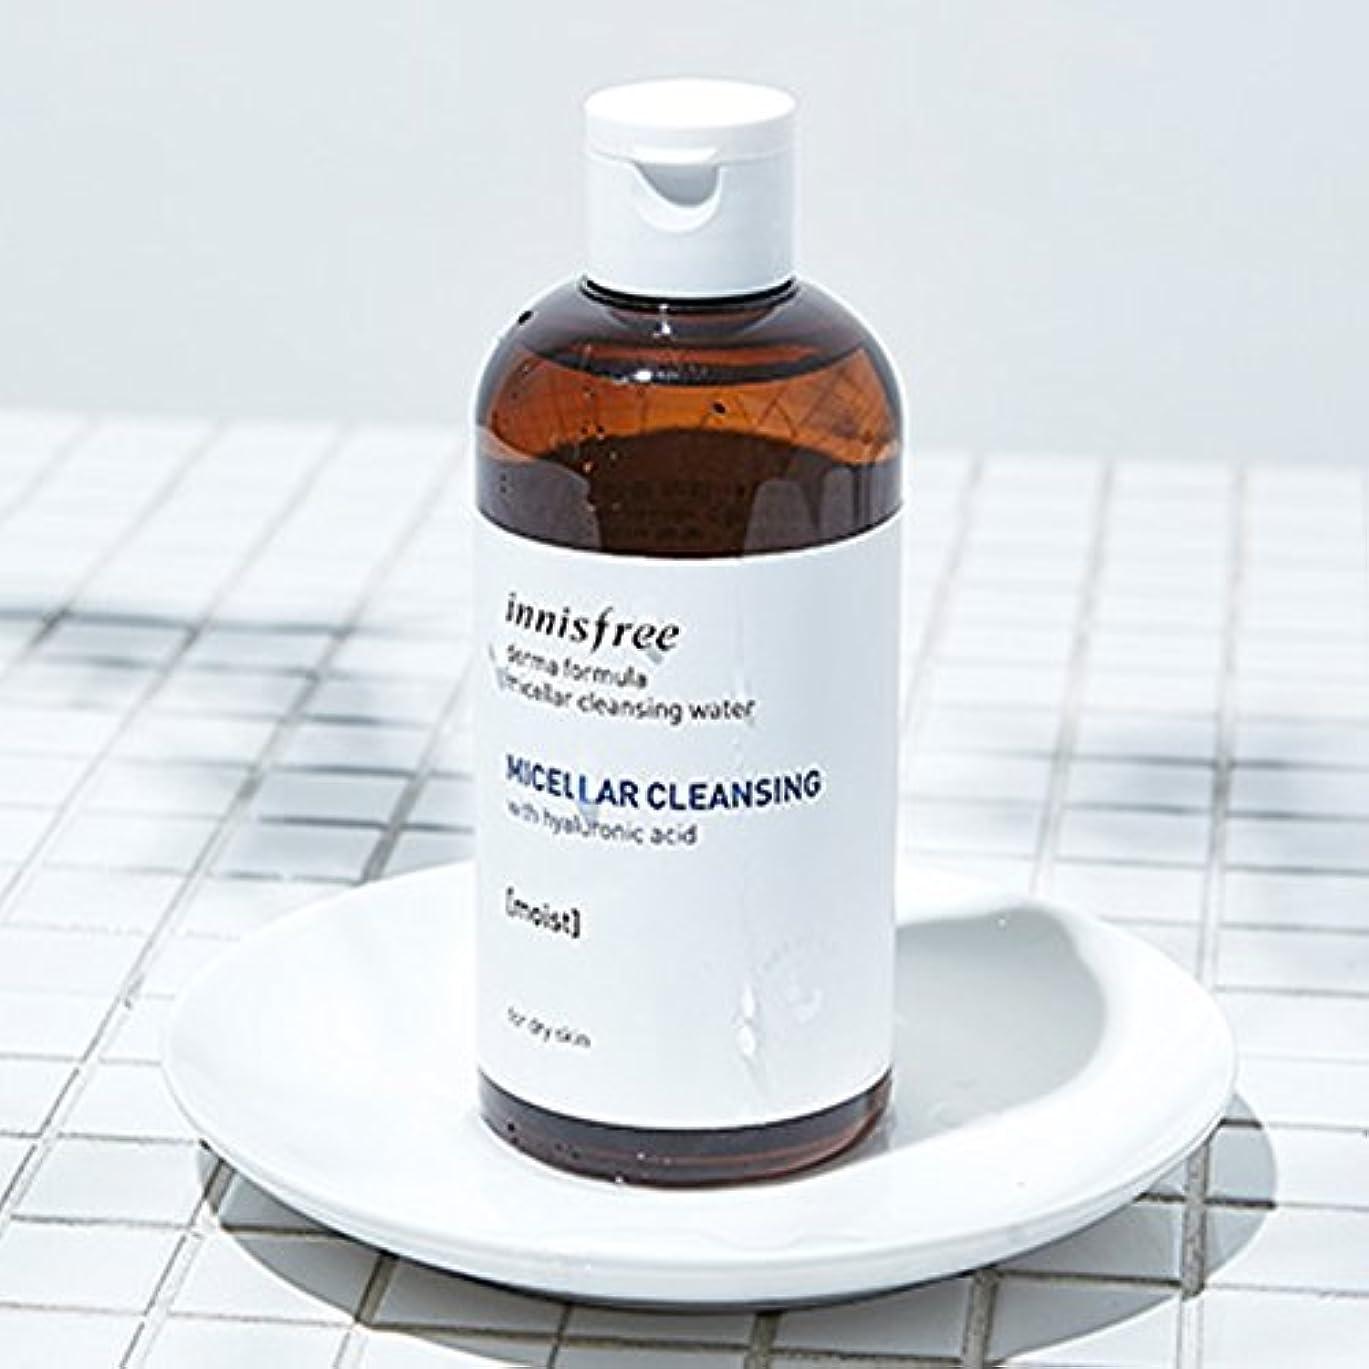 学士ブレス騒イニスフリーダーマフォーミュラミセルクレンジングウォーター250ml Innisfree Derma Formula Micellar Cleansing Water 250ml [海外直送品][並行輸入品] (#1....